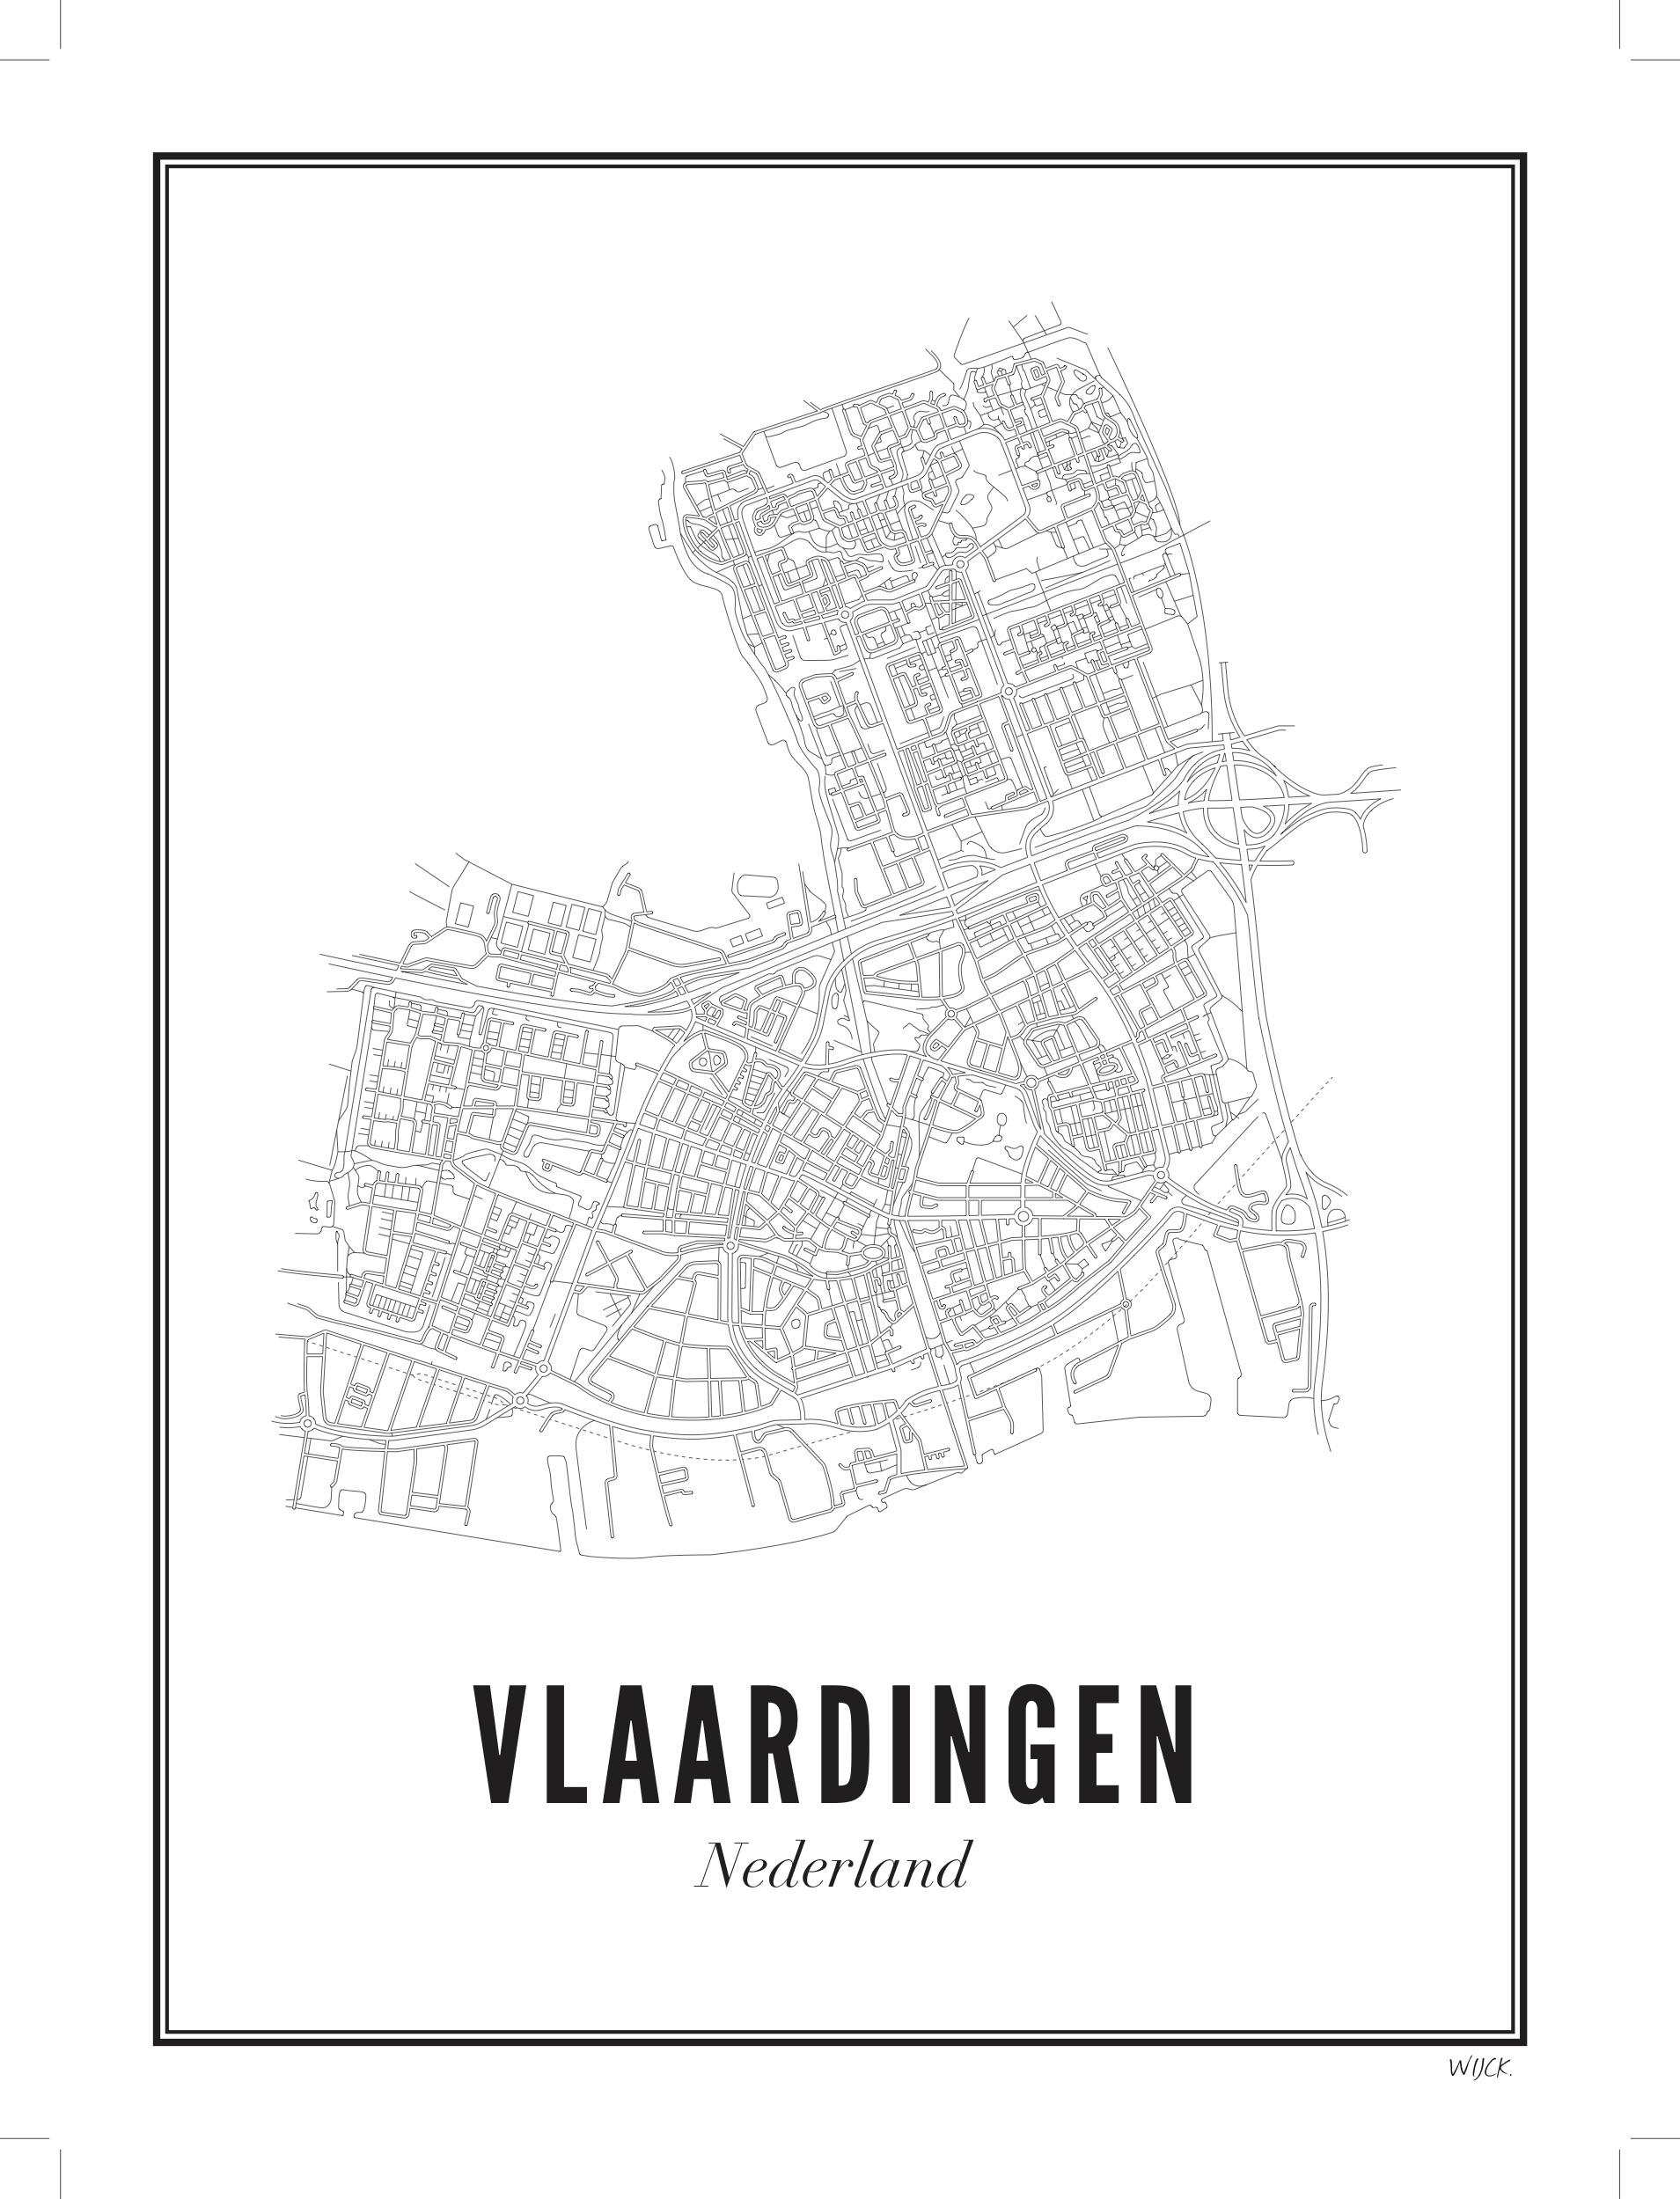 nl-vlaardingen-a316022486979 kopie.jpg